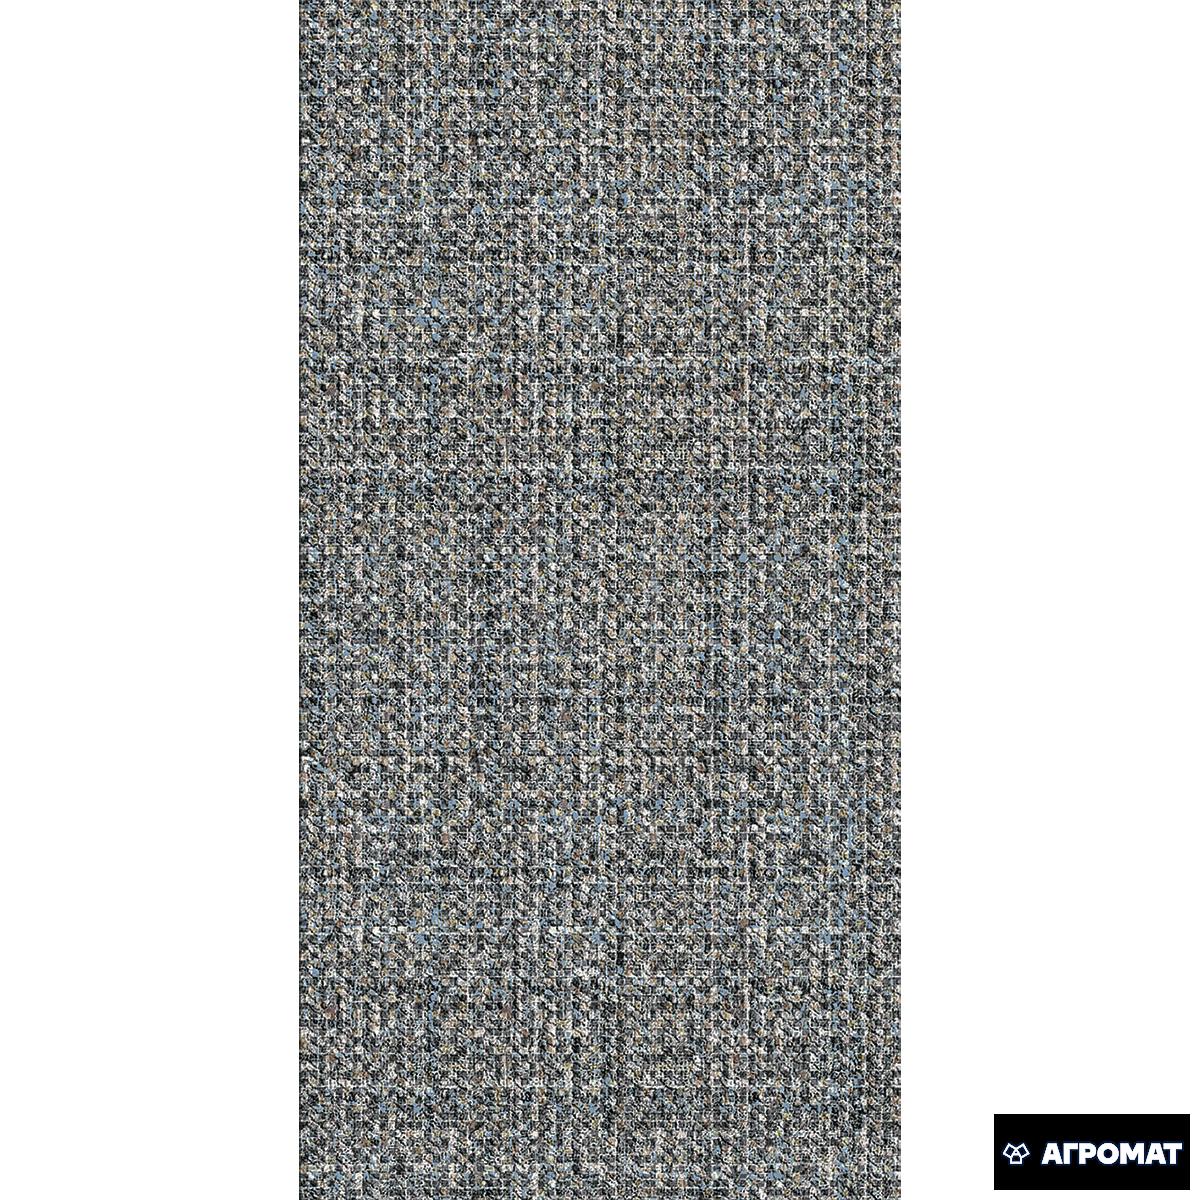 Плитка Imola Crepedechine CRDC DK 36DG декор арт.(364750)